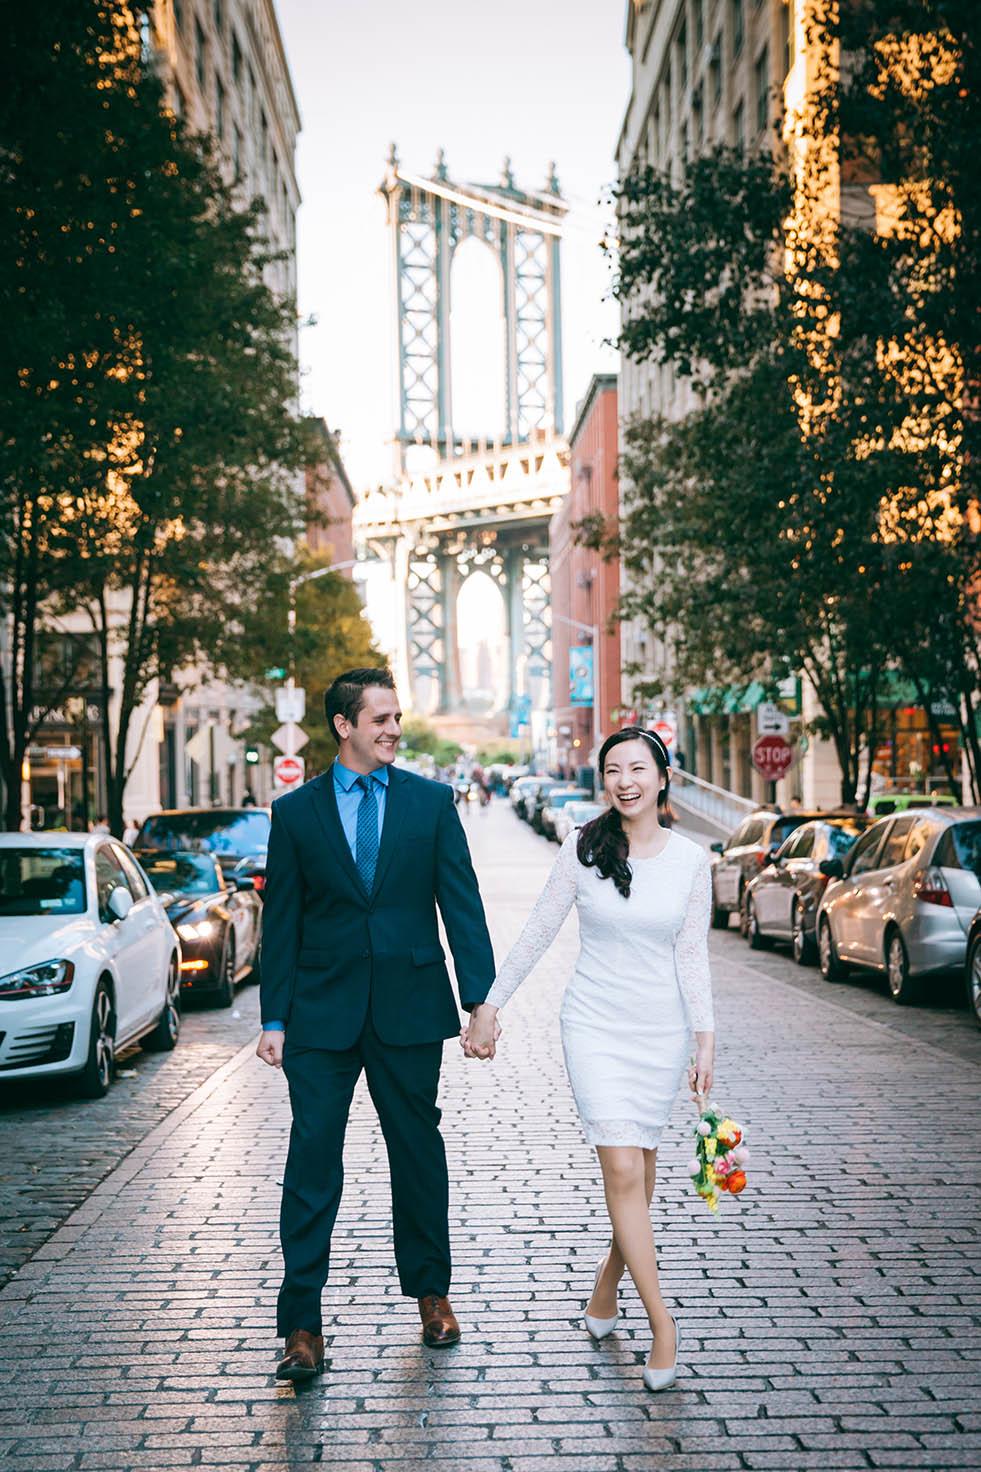 Sprazzi_Professional_Portrait_Photo_NYC_Han_Resize_32.jpg